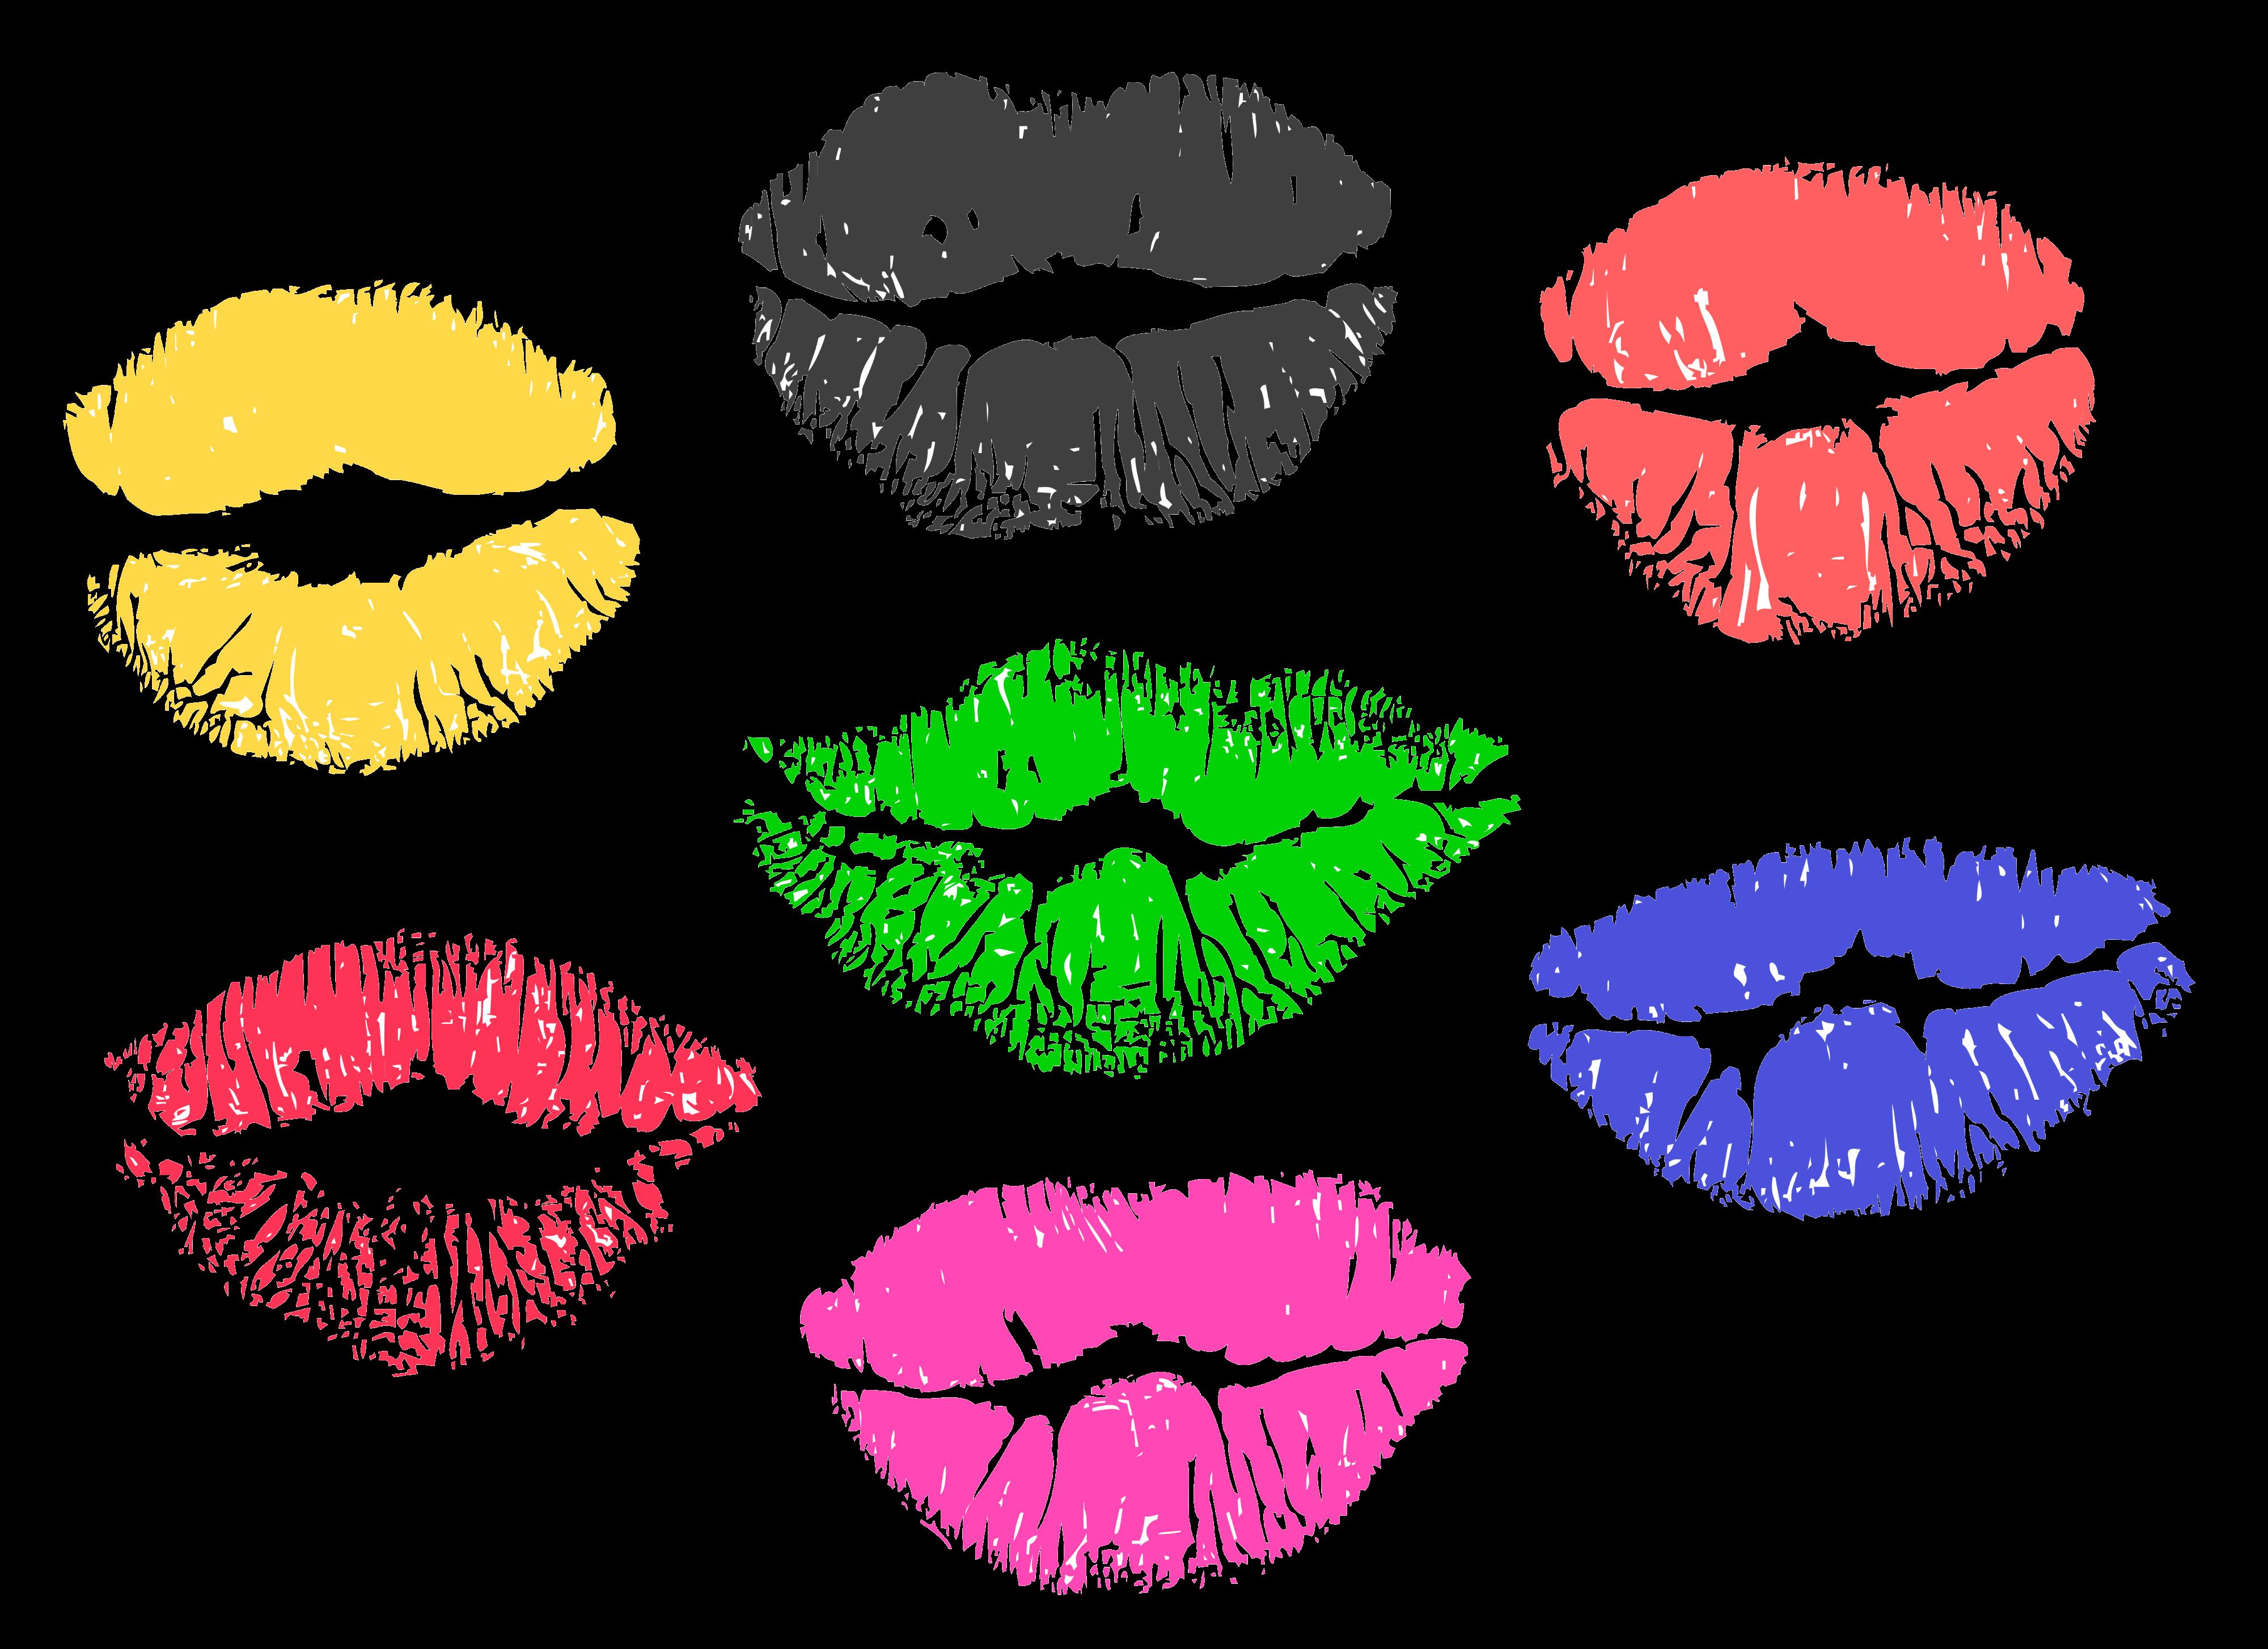 נשיקות צבעוניות , שפתיים